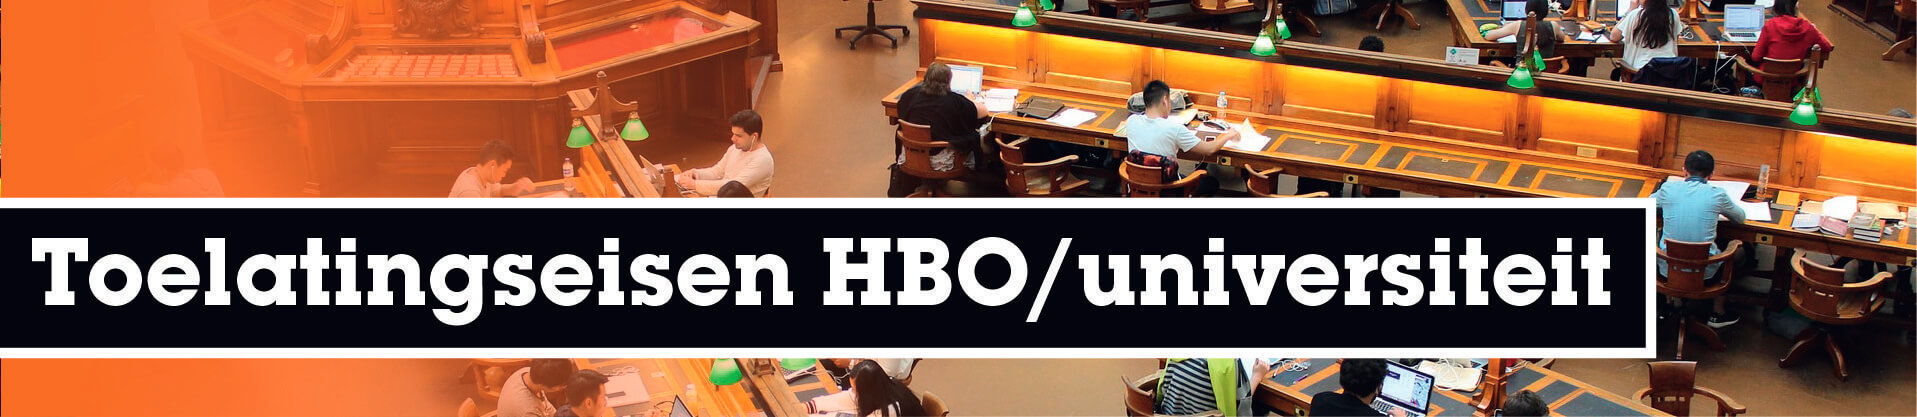 Toelatingseisen HBO en universiteit